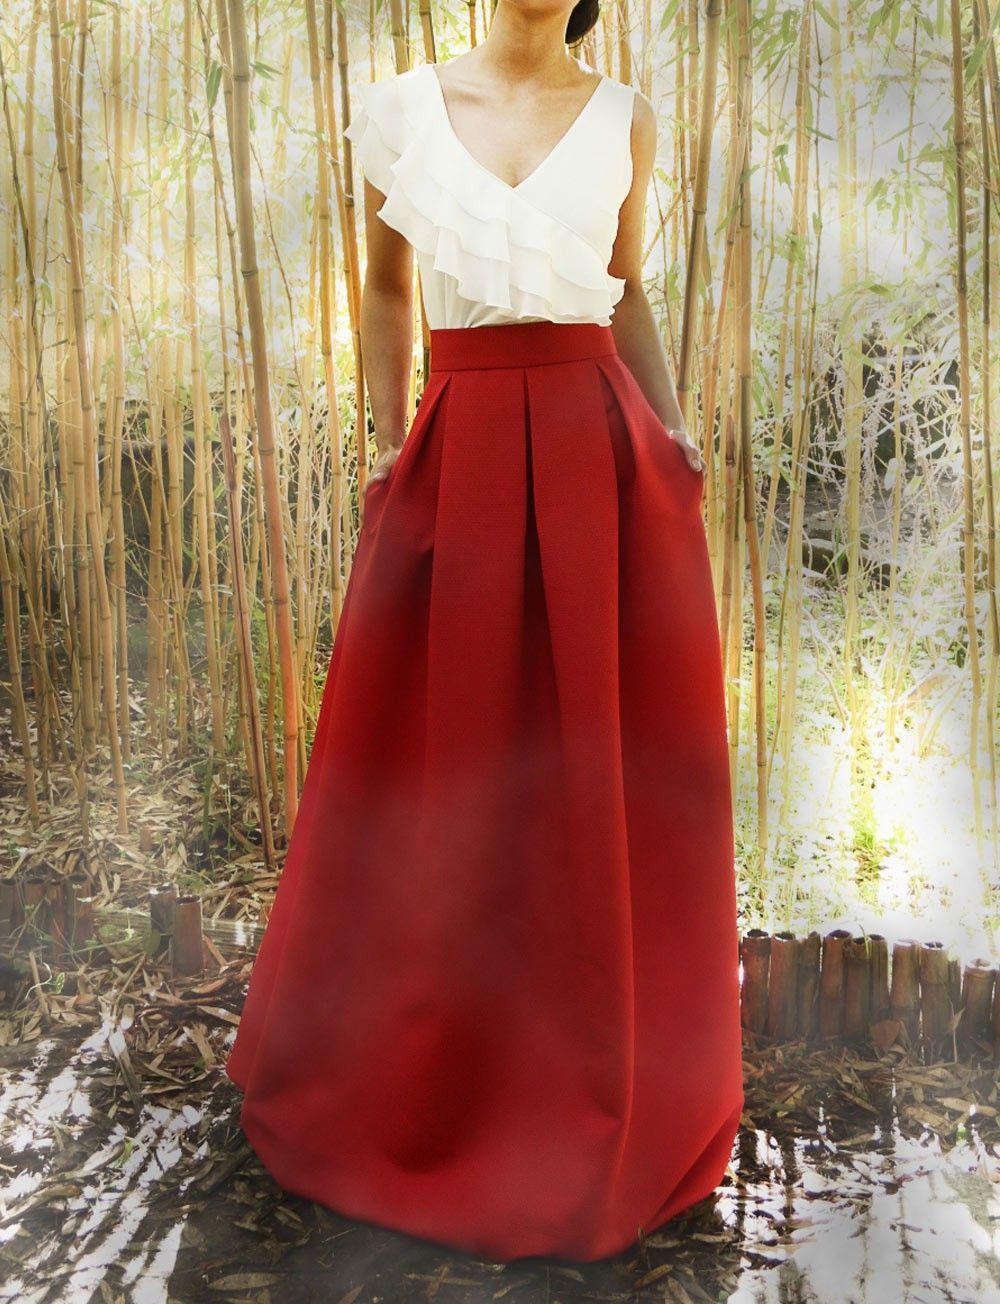 I ❤ COLOR BLANCO + ROJO ♡ Falda larga plisada para boda Aran Arimoka c6b196dacda1